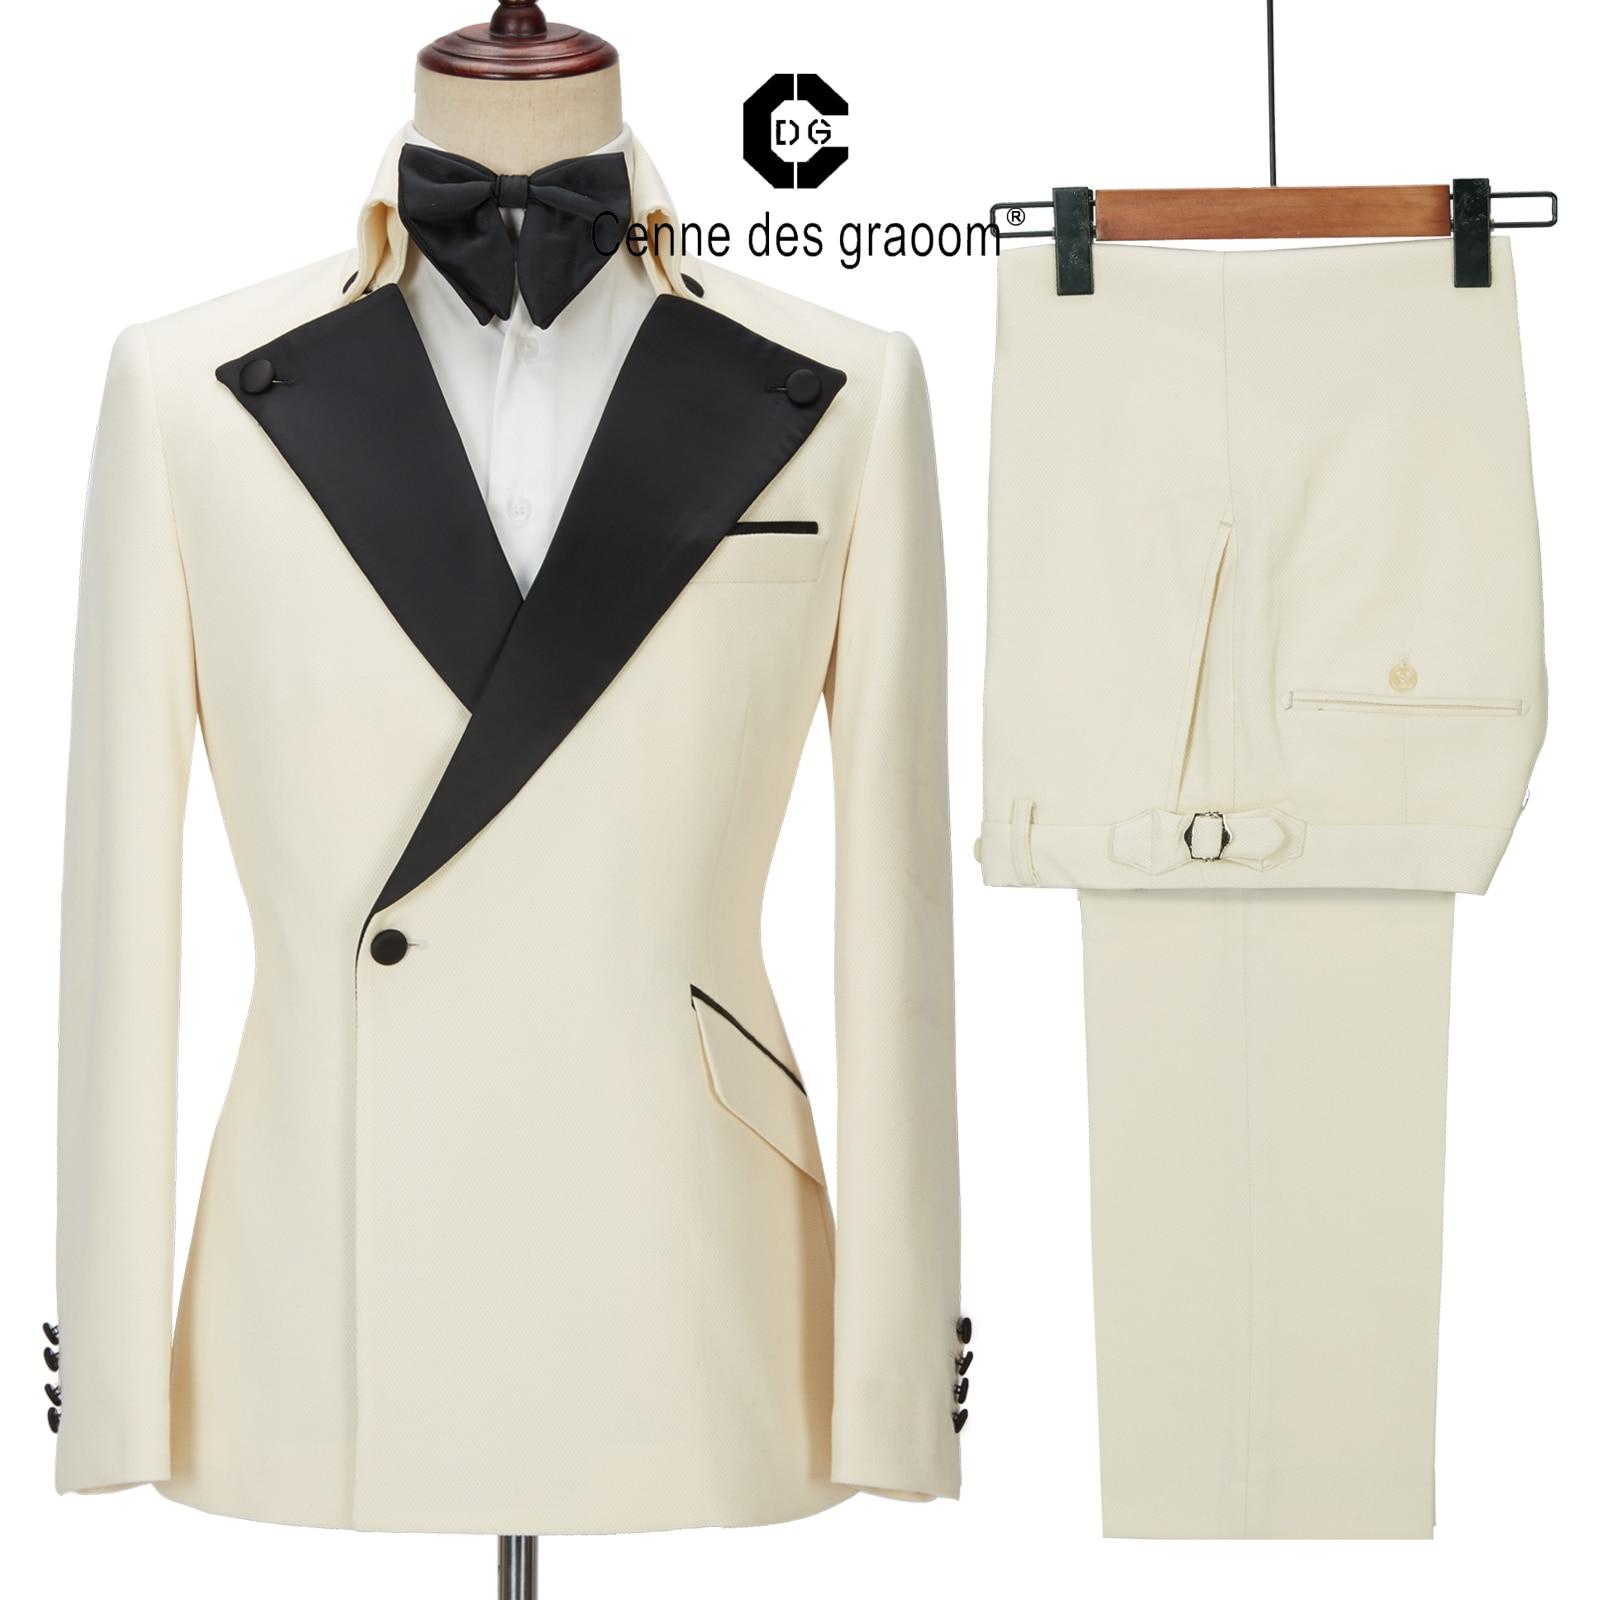 Cenne ديس Graoom أحدث معطف تصميم الرجال الدعاوى مصممة خصيصا سهرة 2 قطعة الحلل الزفاف حزب المغني العريس زي أوم البيج